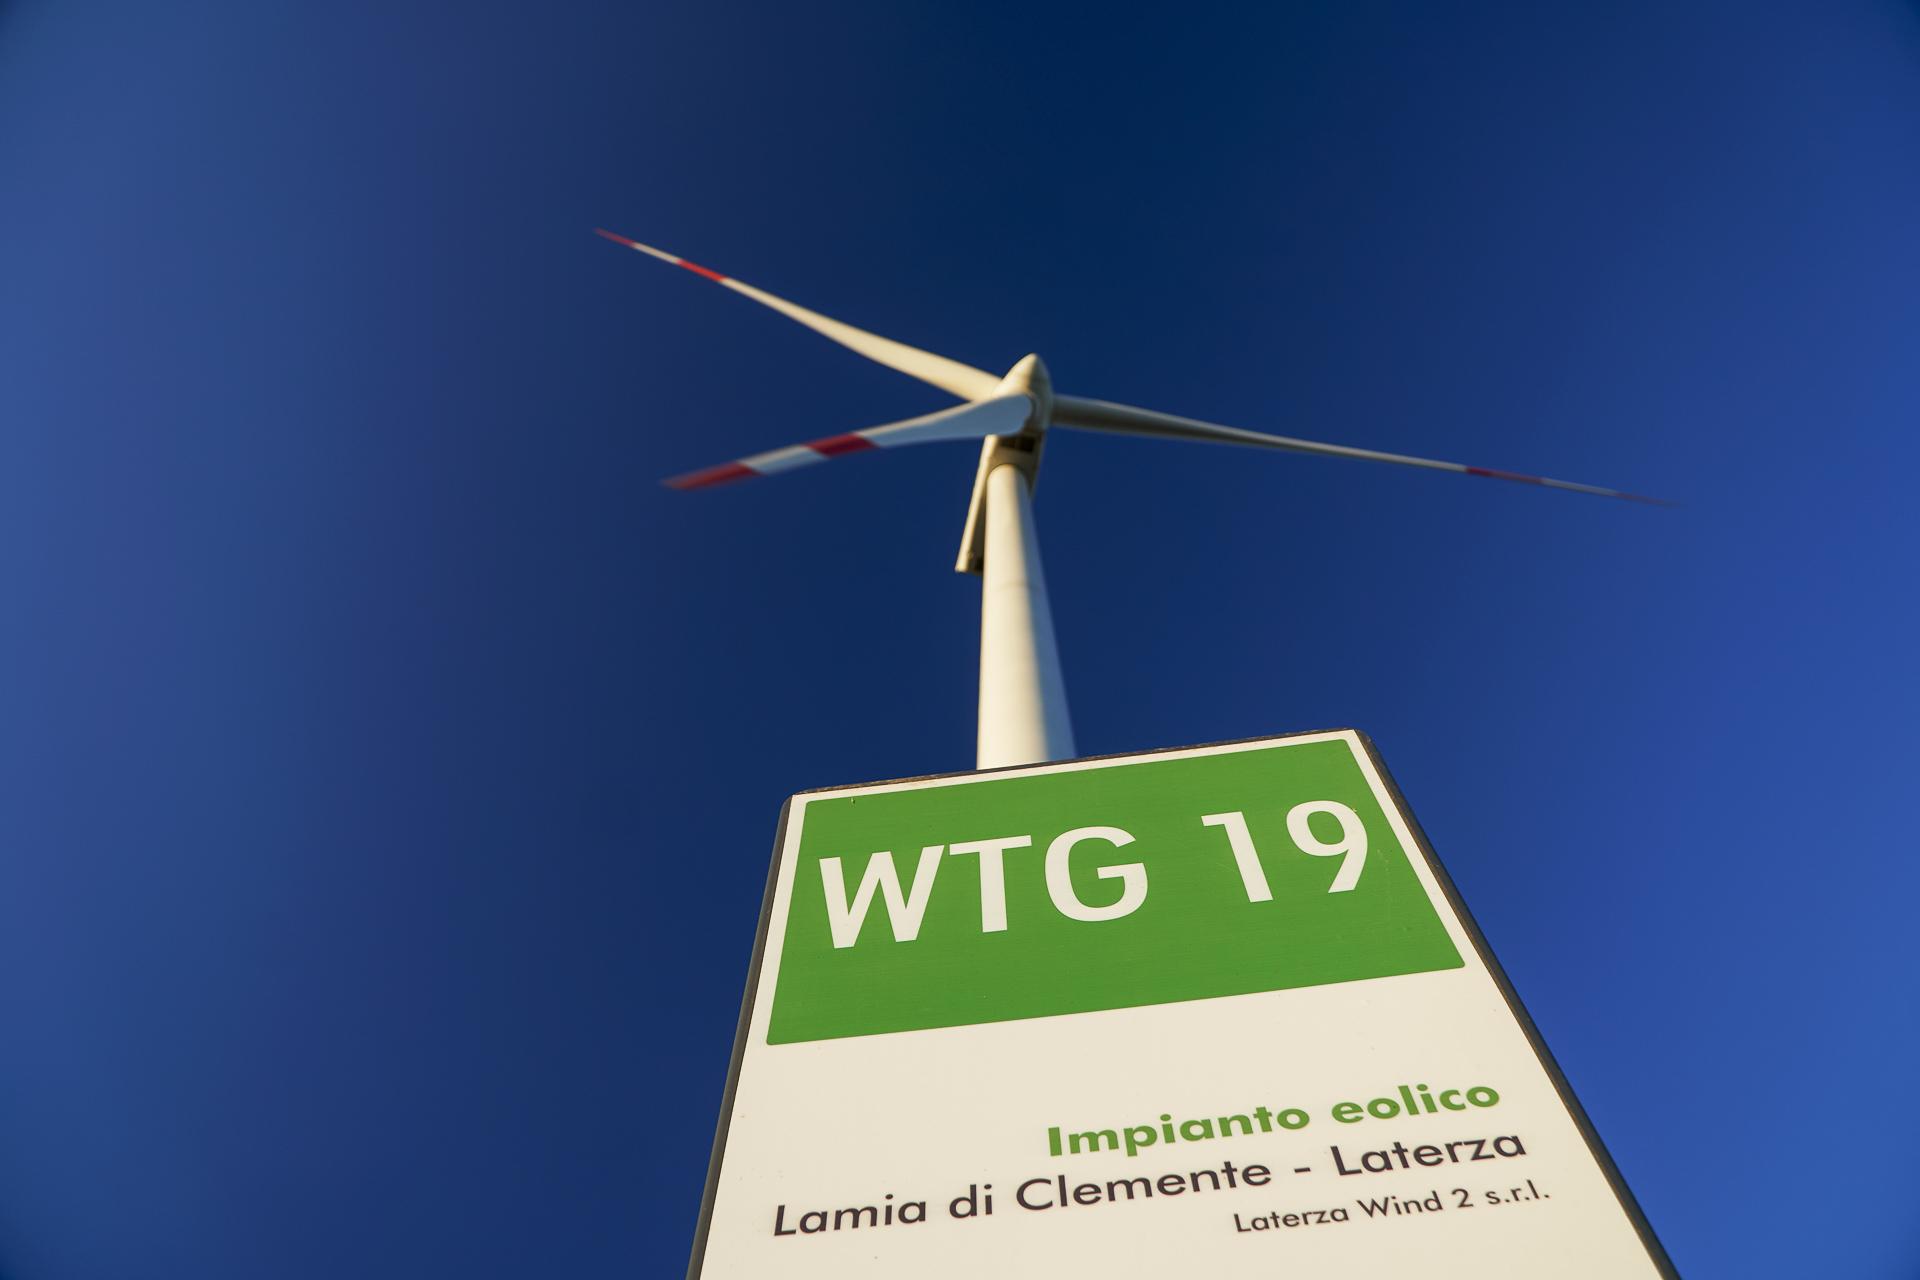 Impianto energia verde eolica di Lamia di Clemente CVA